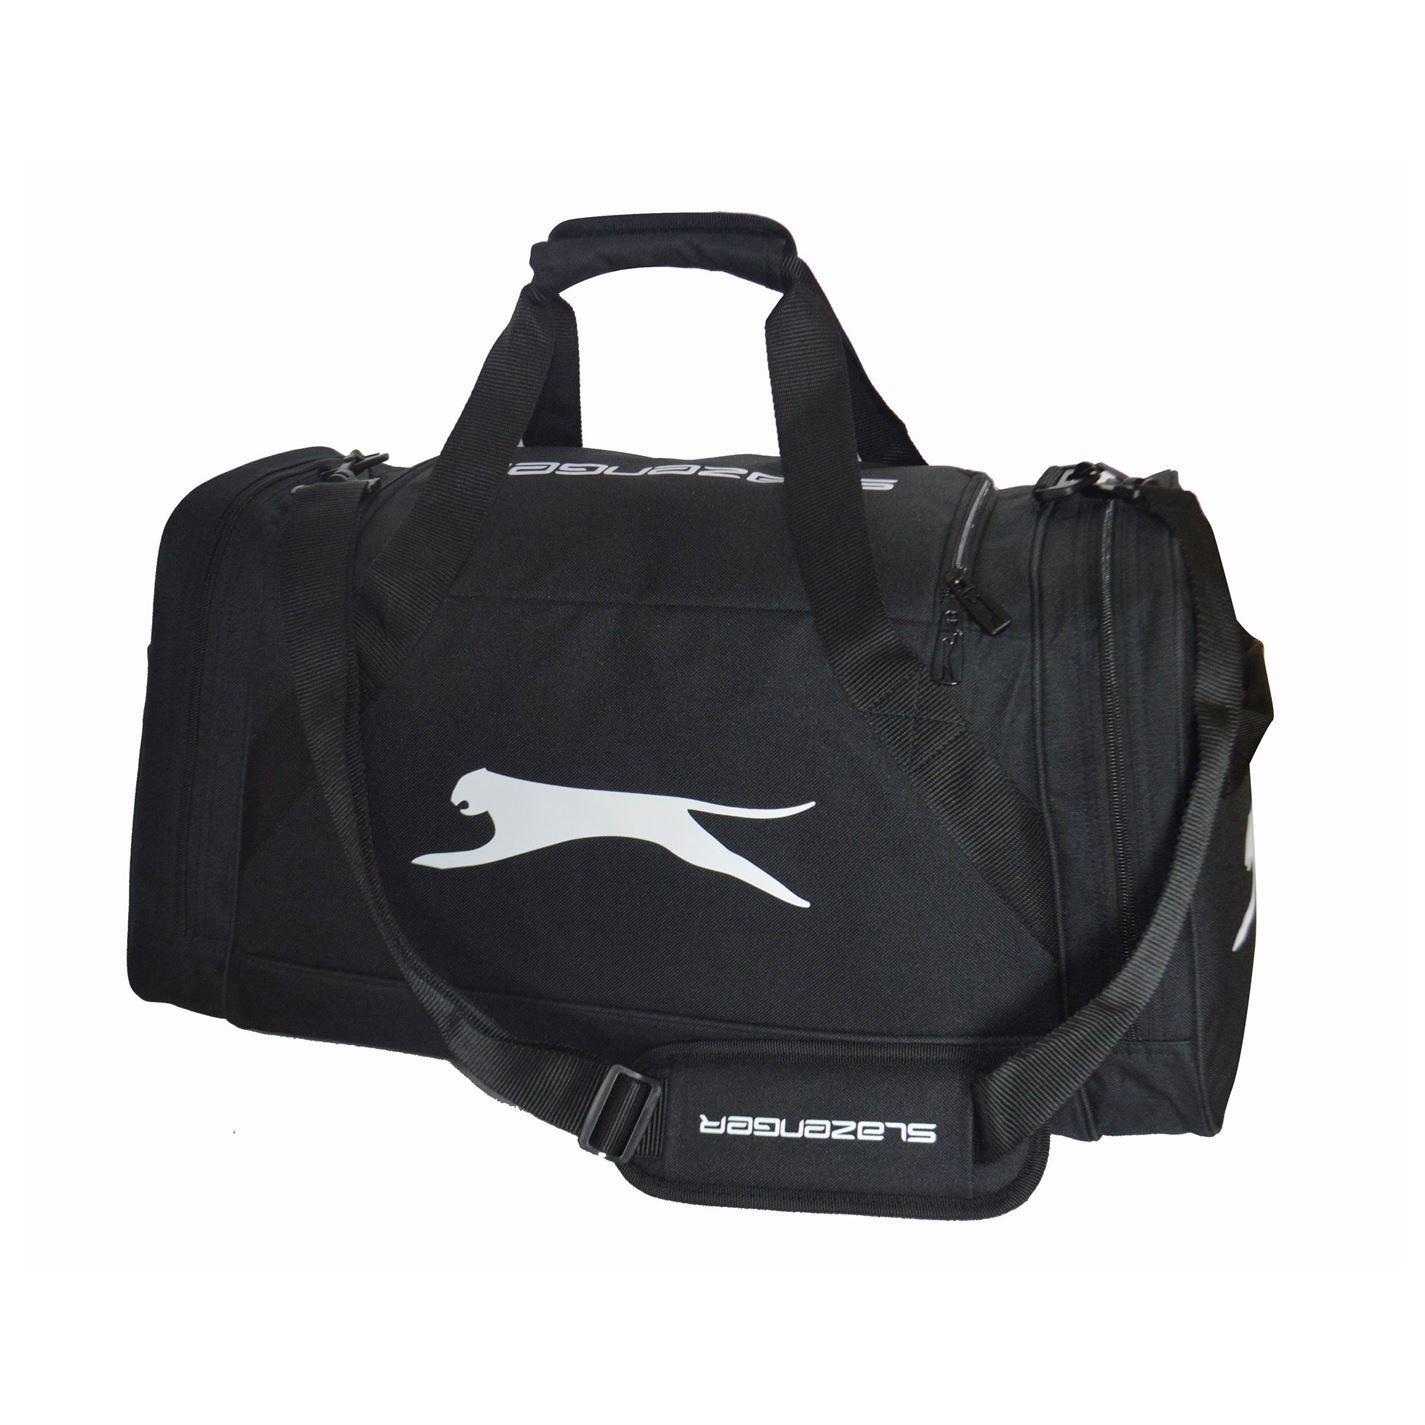 5acde8f4c0 ... Slazenger Medium Sports Holdall Black Gym Kit Bag Carryall